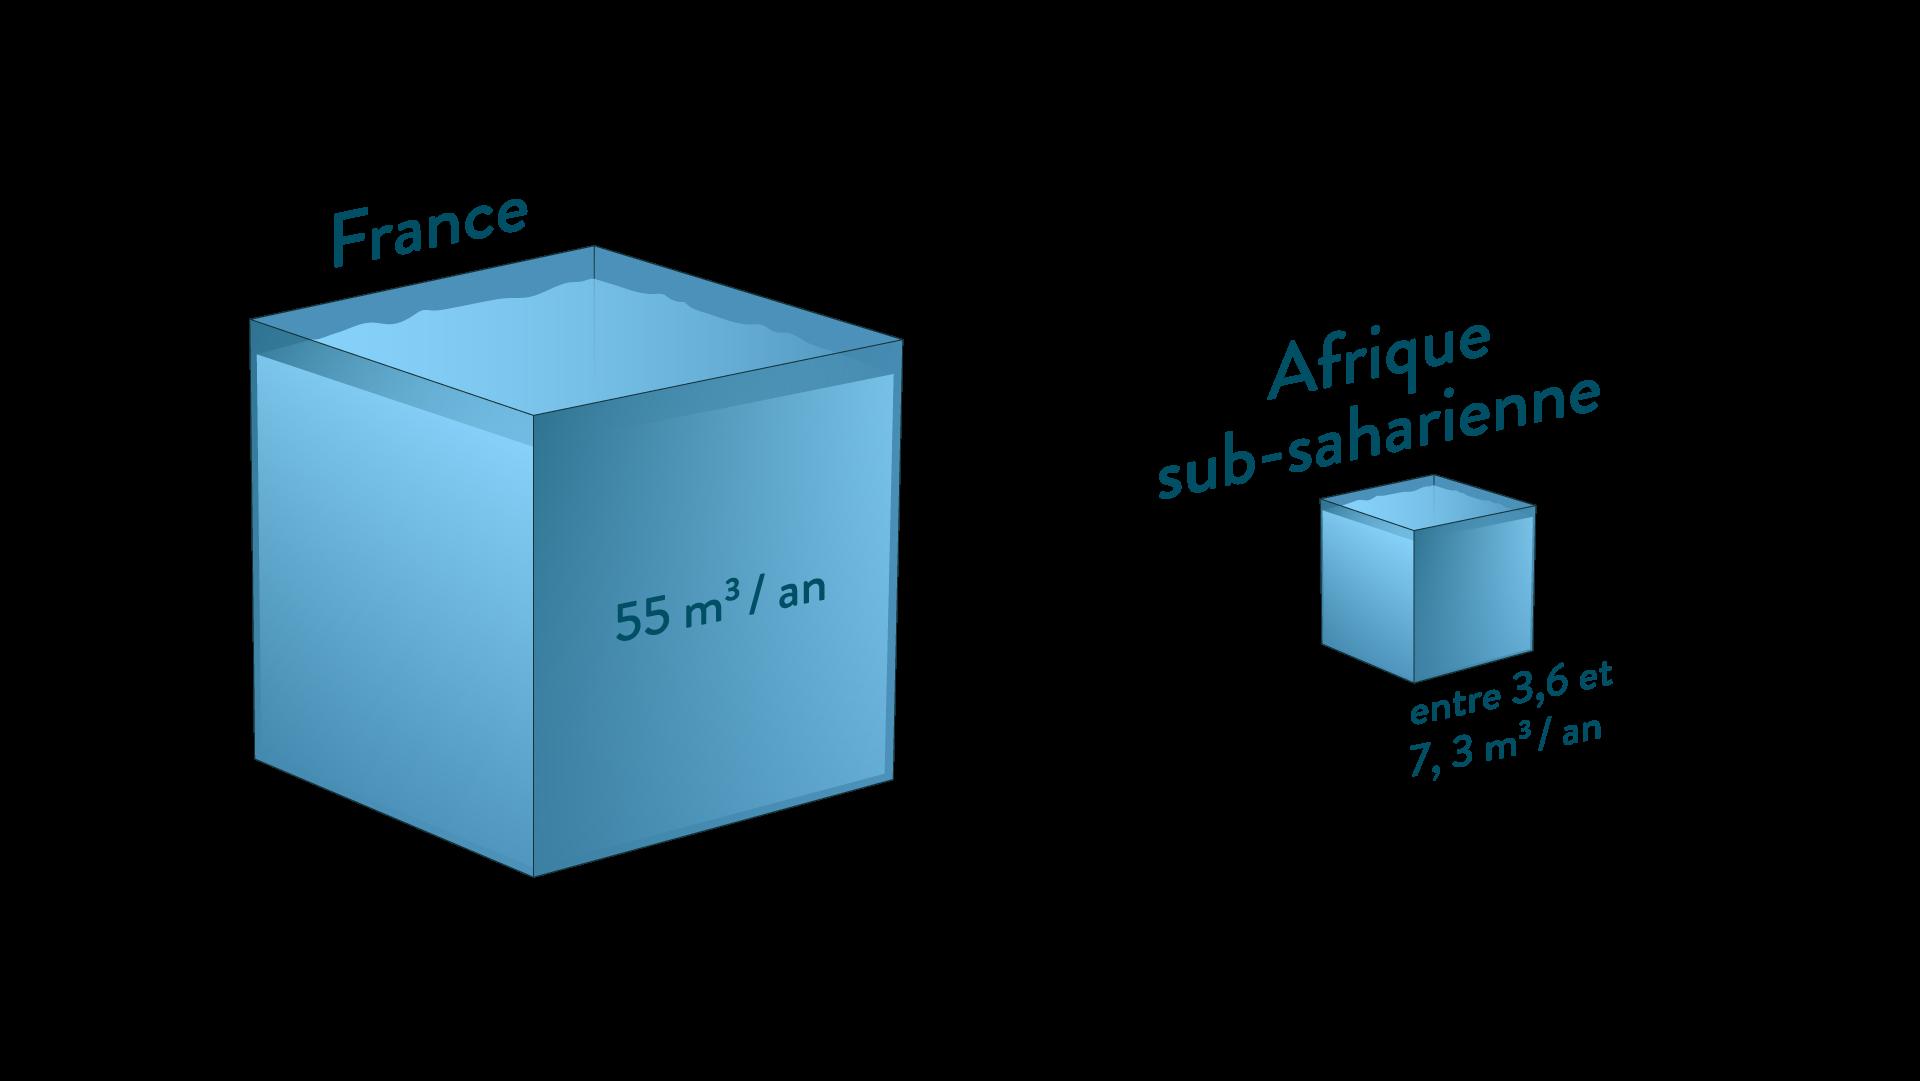 Consommation de l'eau en France et en Afrique sub-saharienne